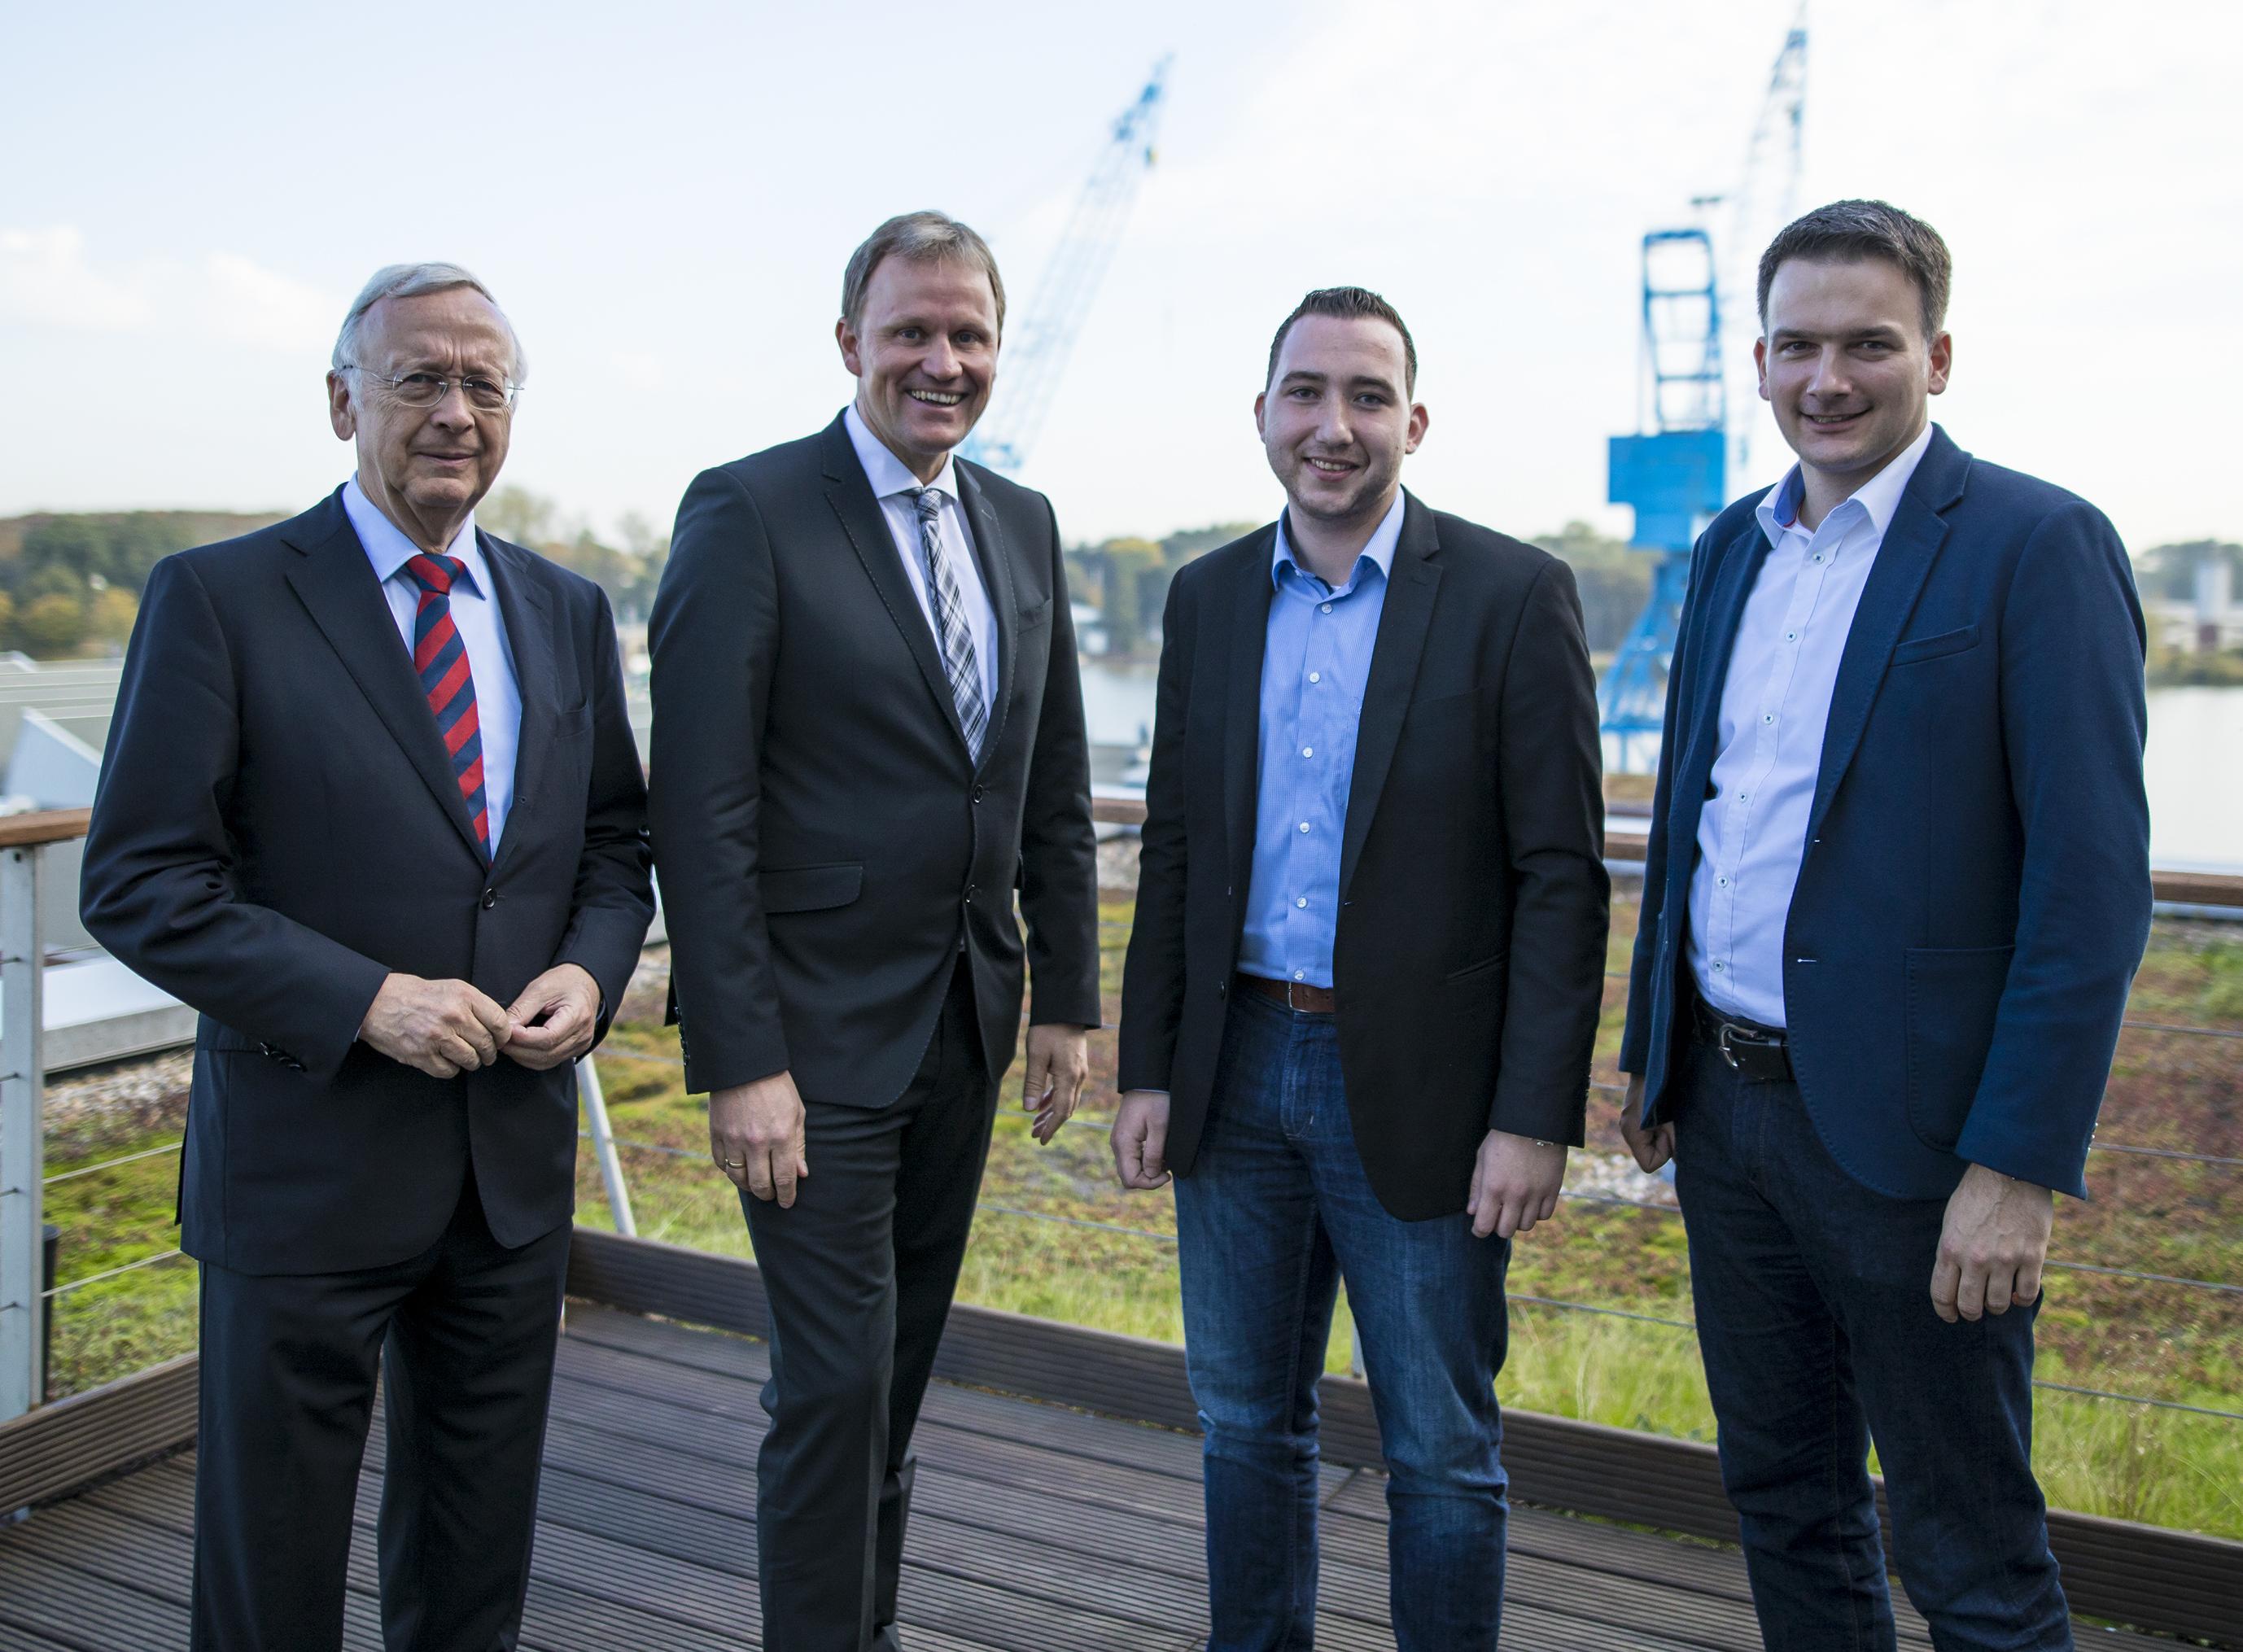 Europaabgeordneter Gieseke im Austausch auf der MEYER WERFT in Papenburg